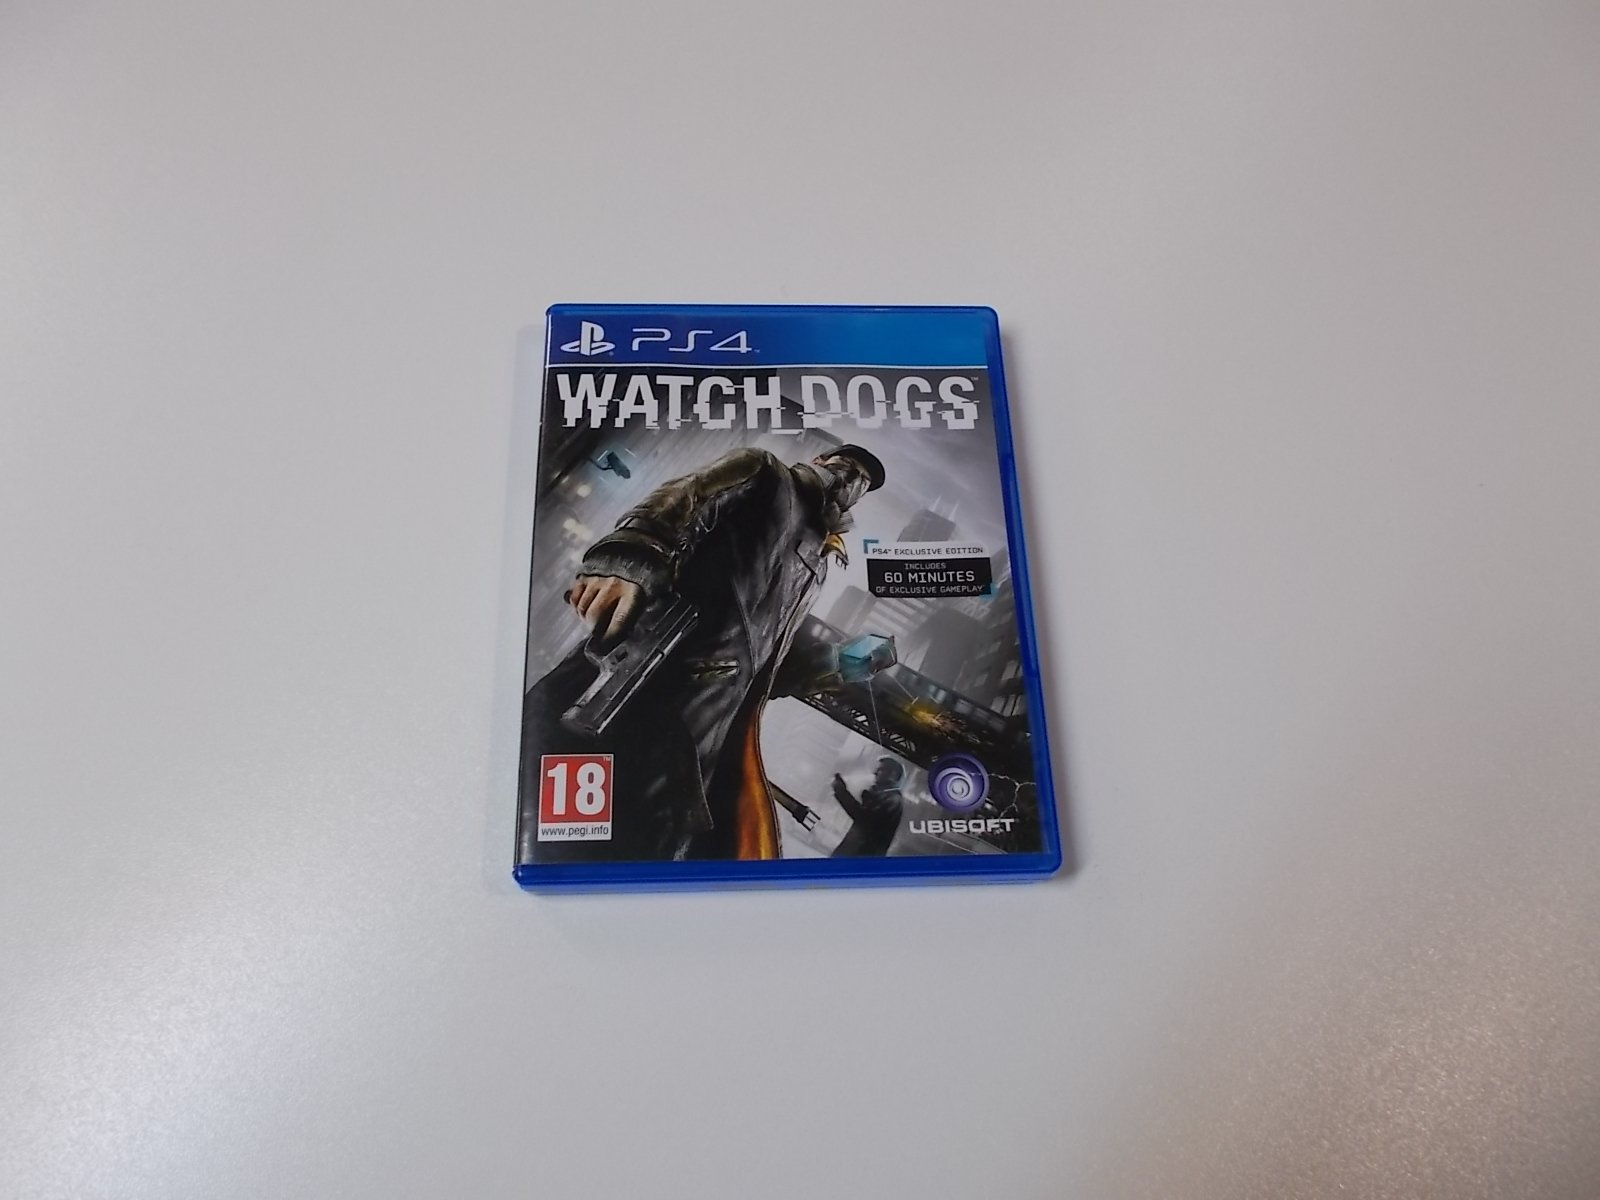 Watch Dogs - GRA Ps4 - Opole 0479